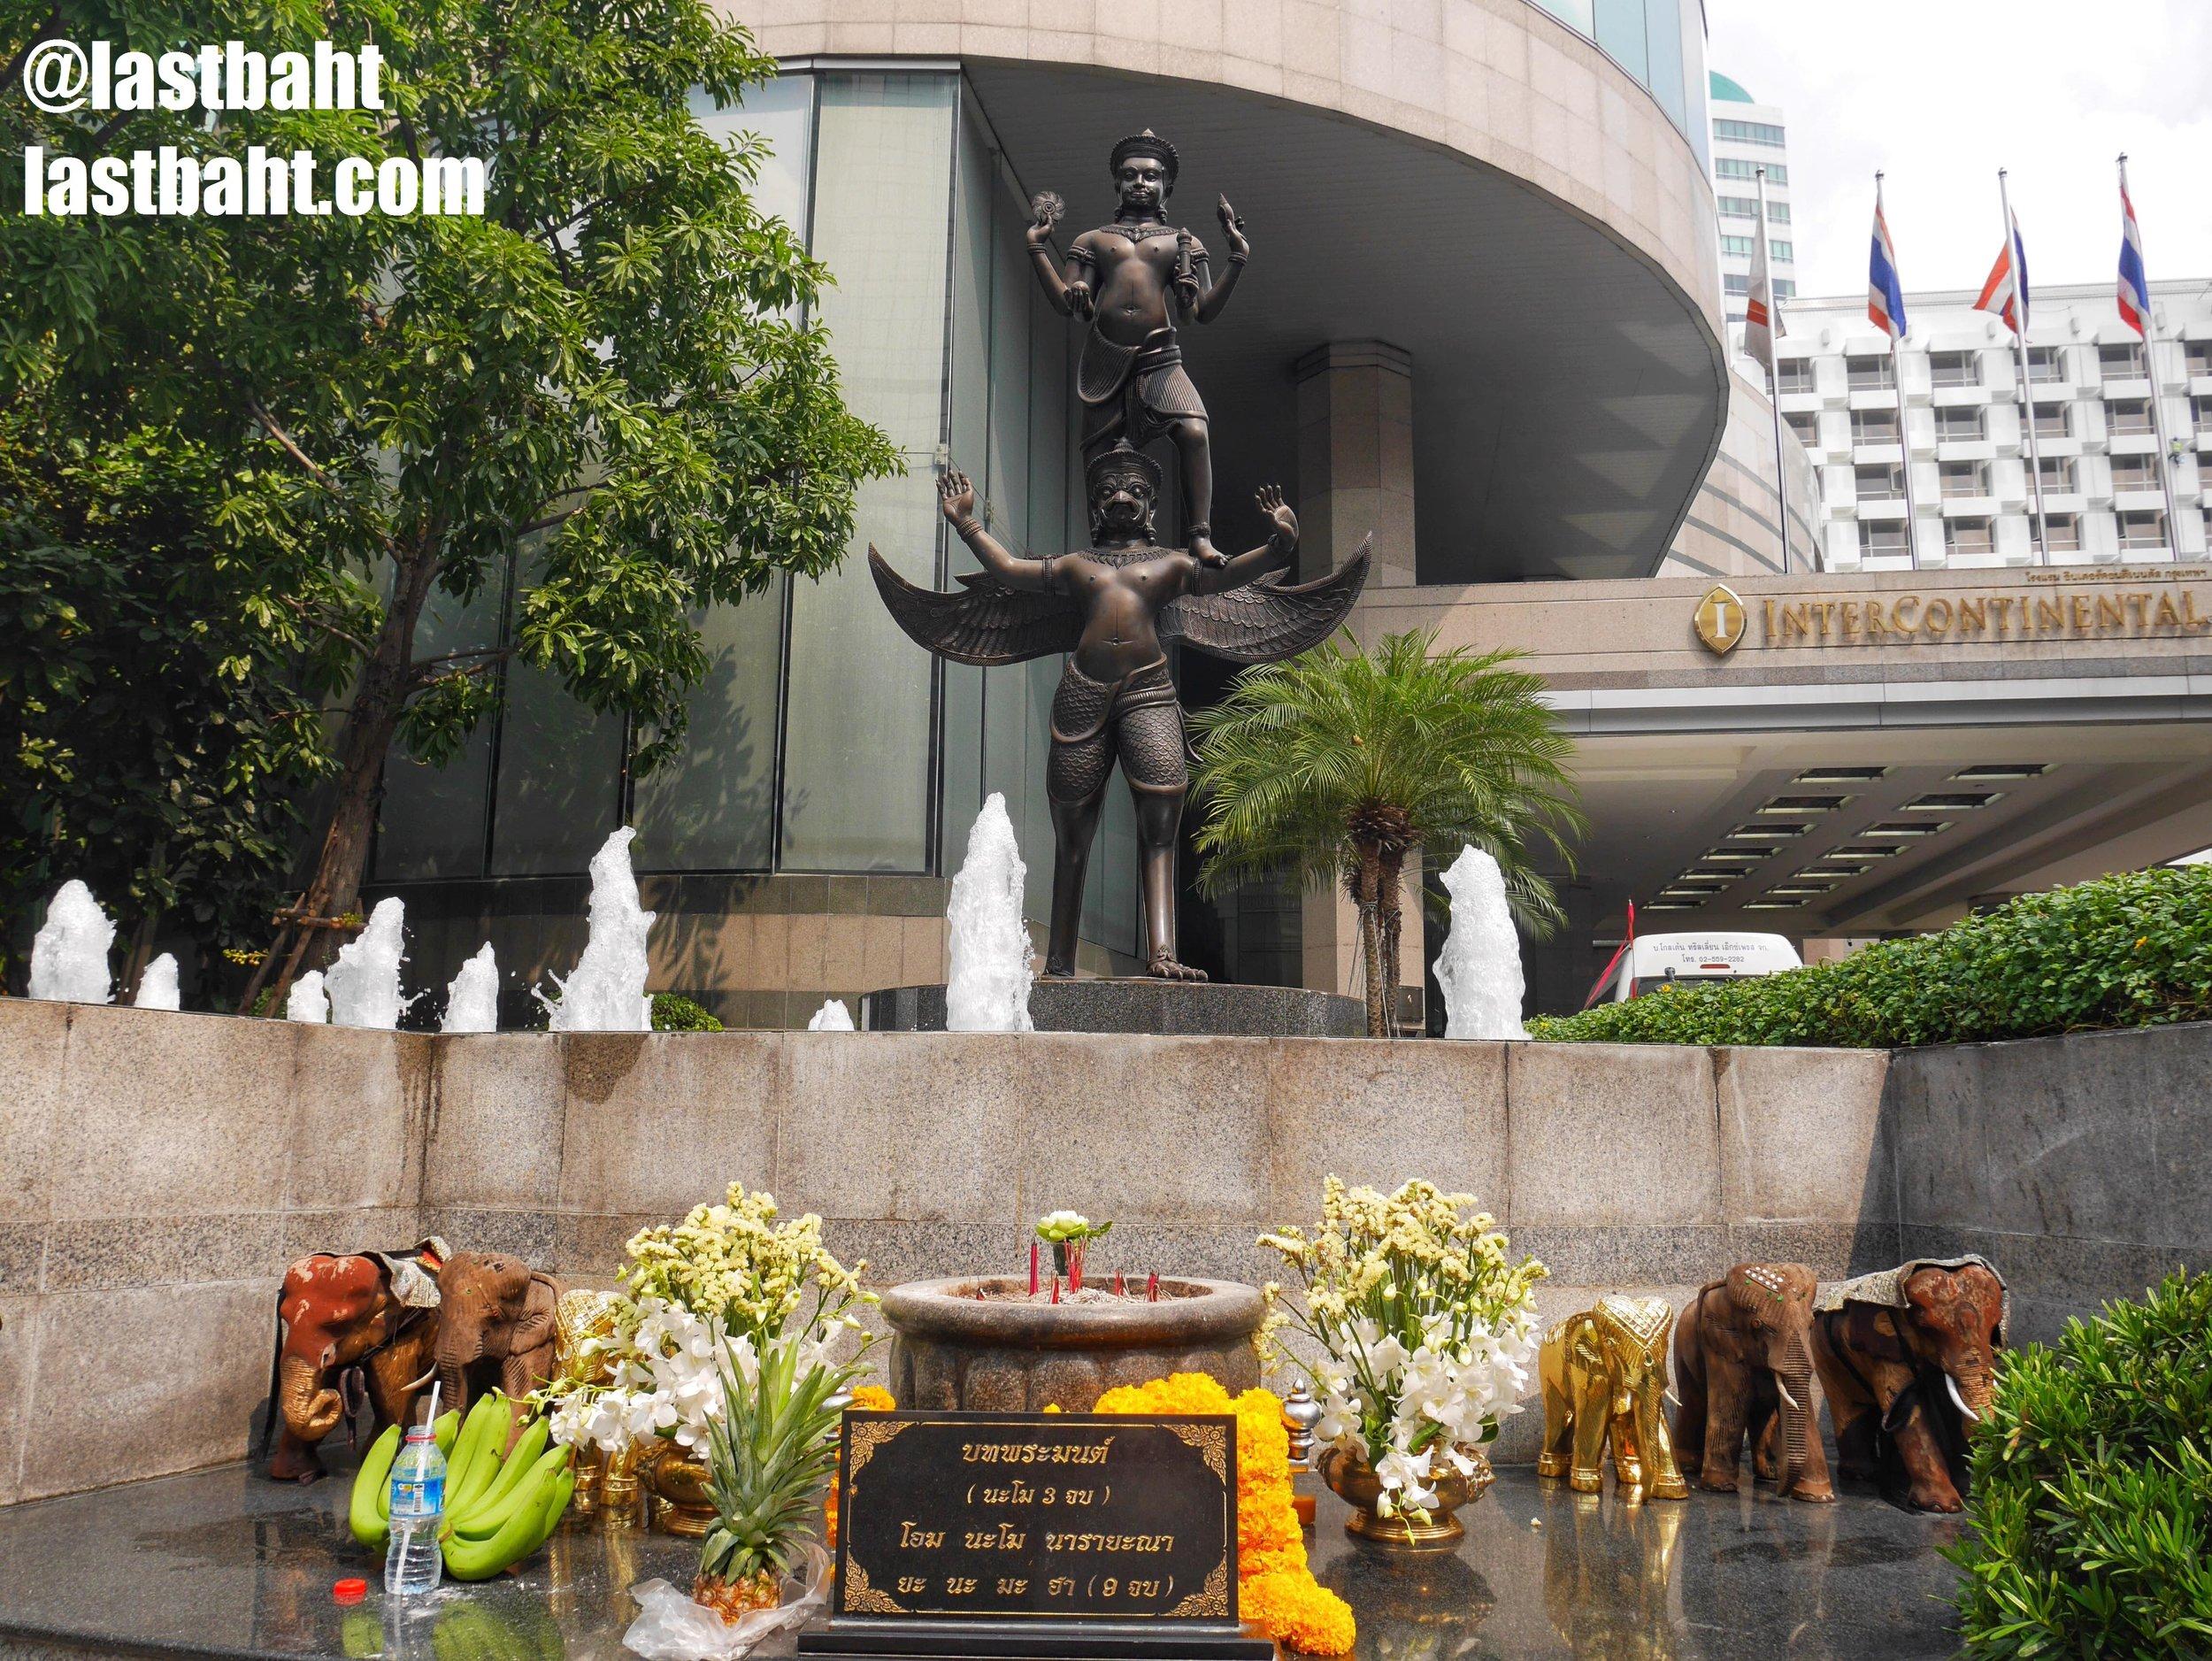 Narayana Shrine at the Hotel Intercontinental, Bangkok